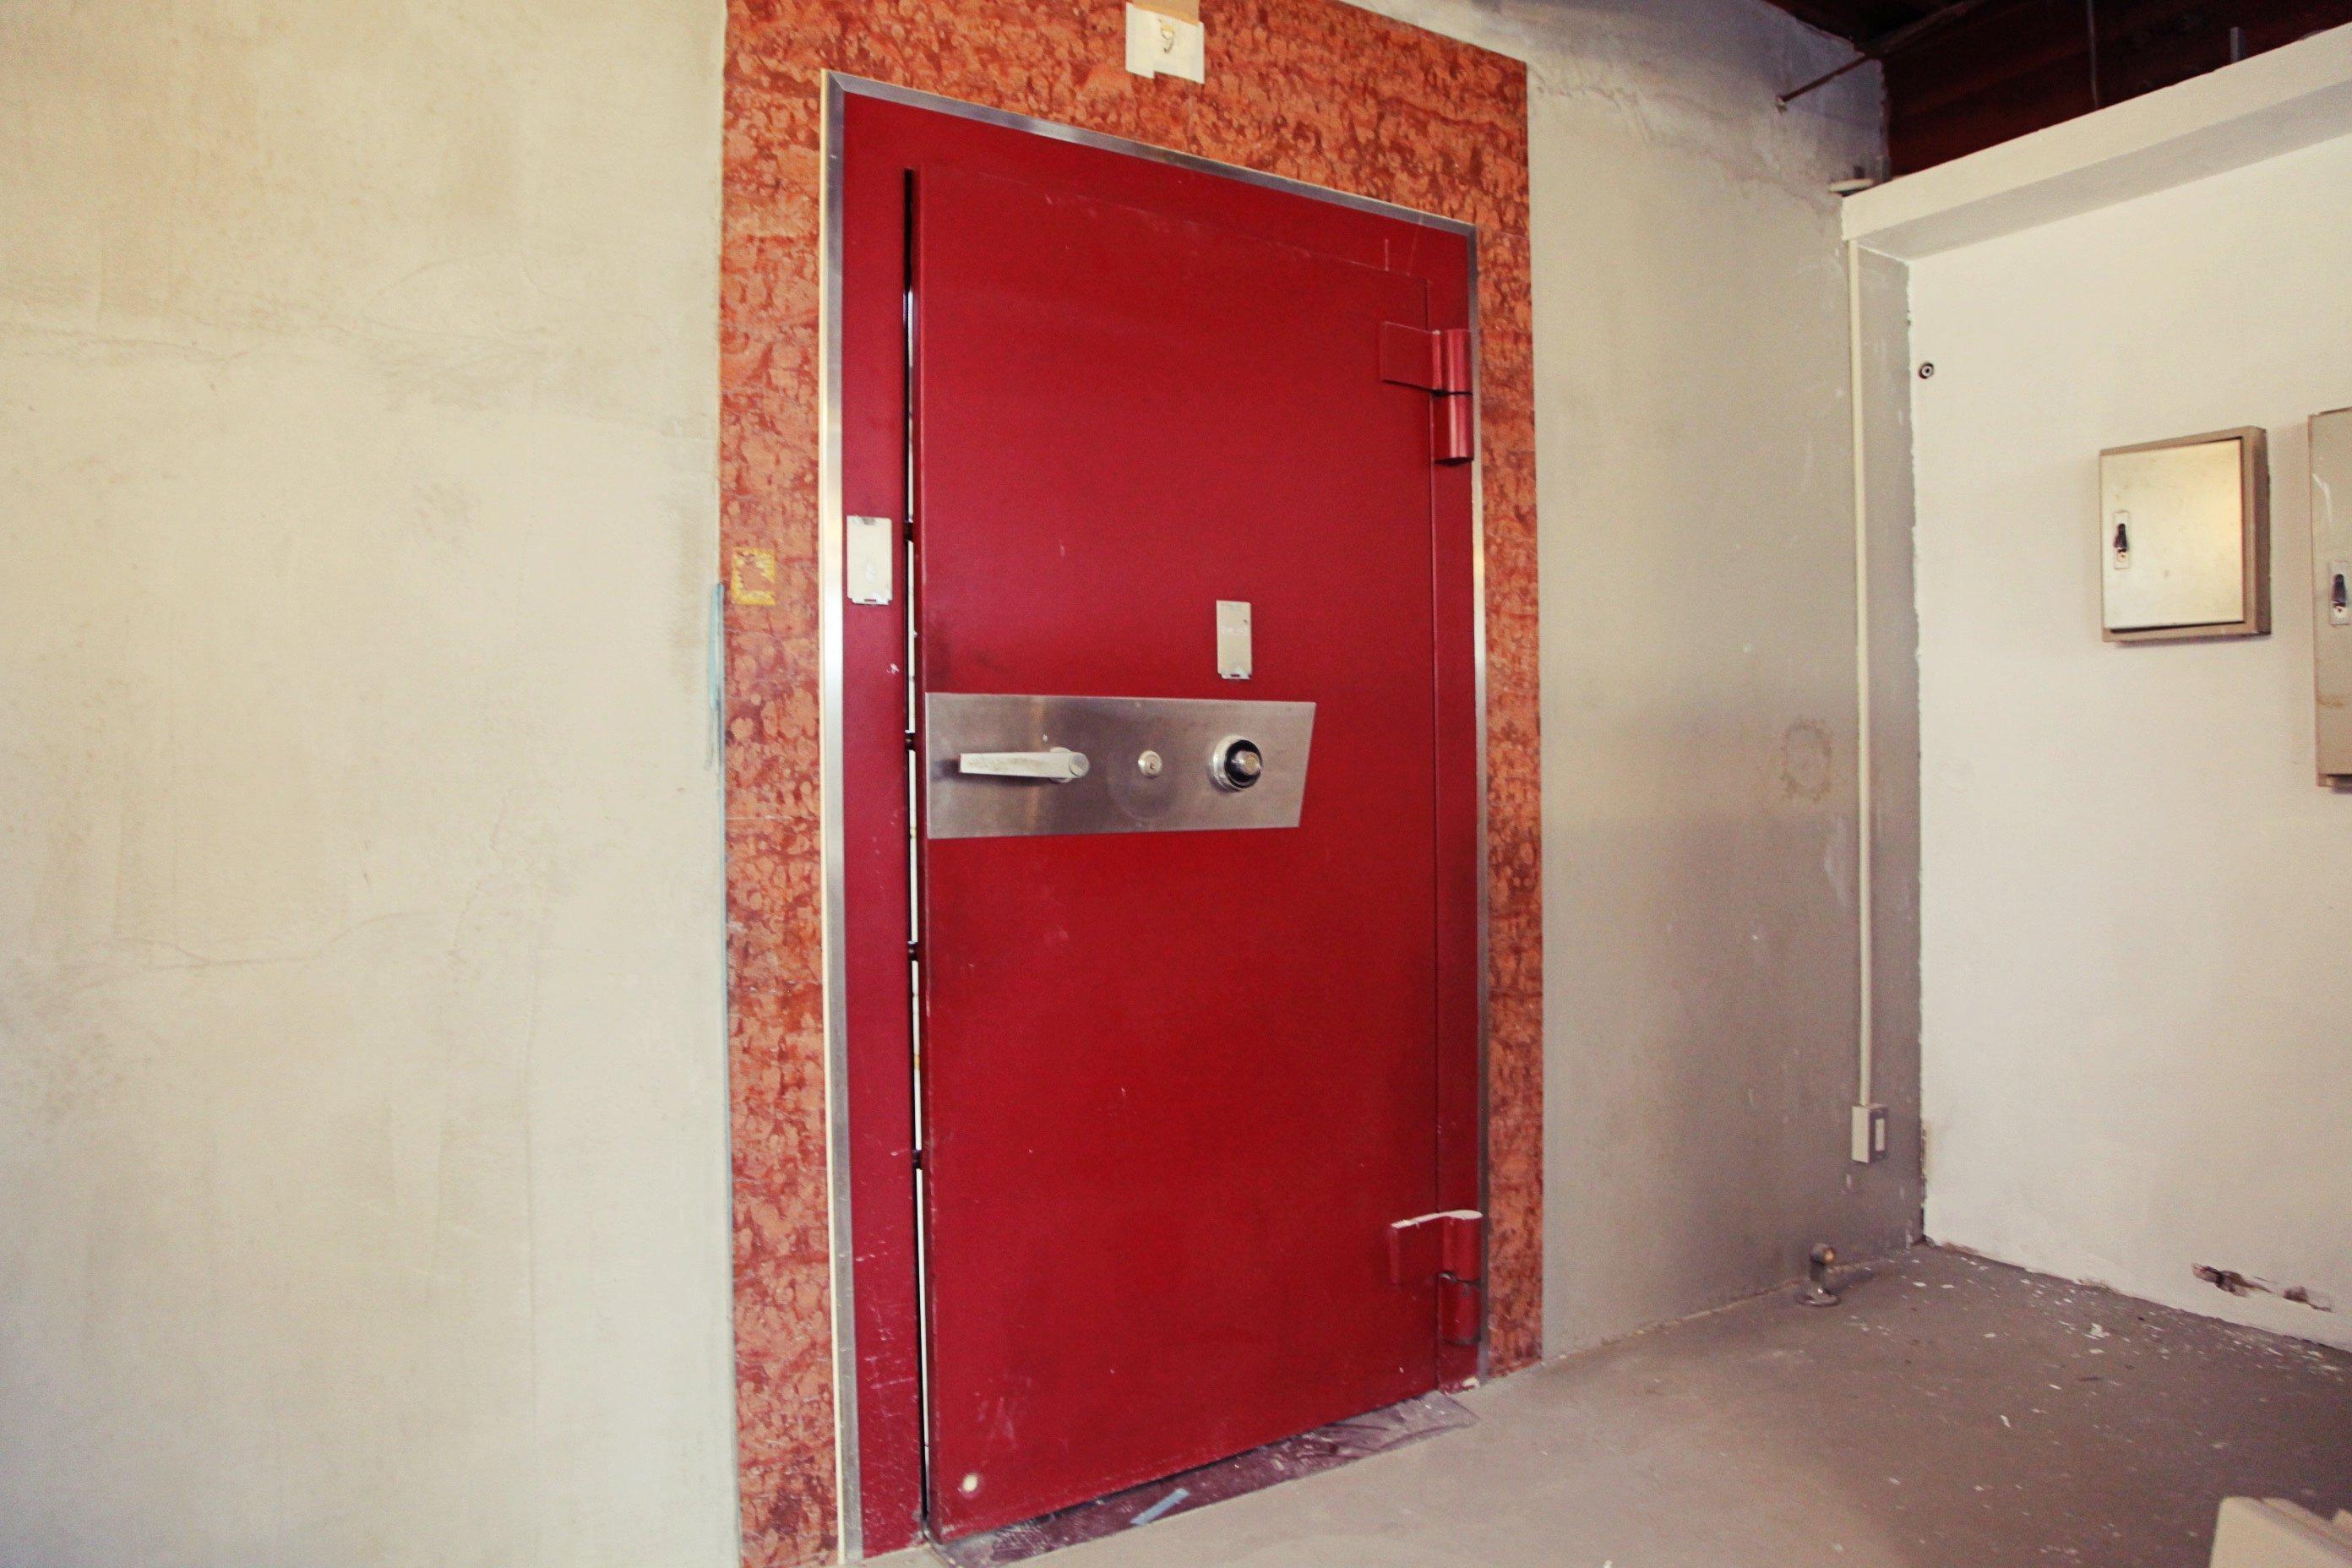 元金庫の名に相応しい重厚かつ筋トレな扉。